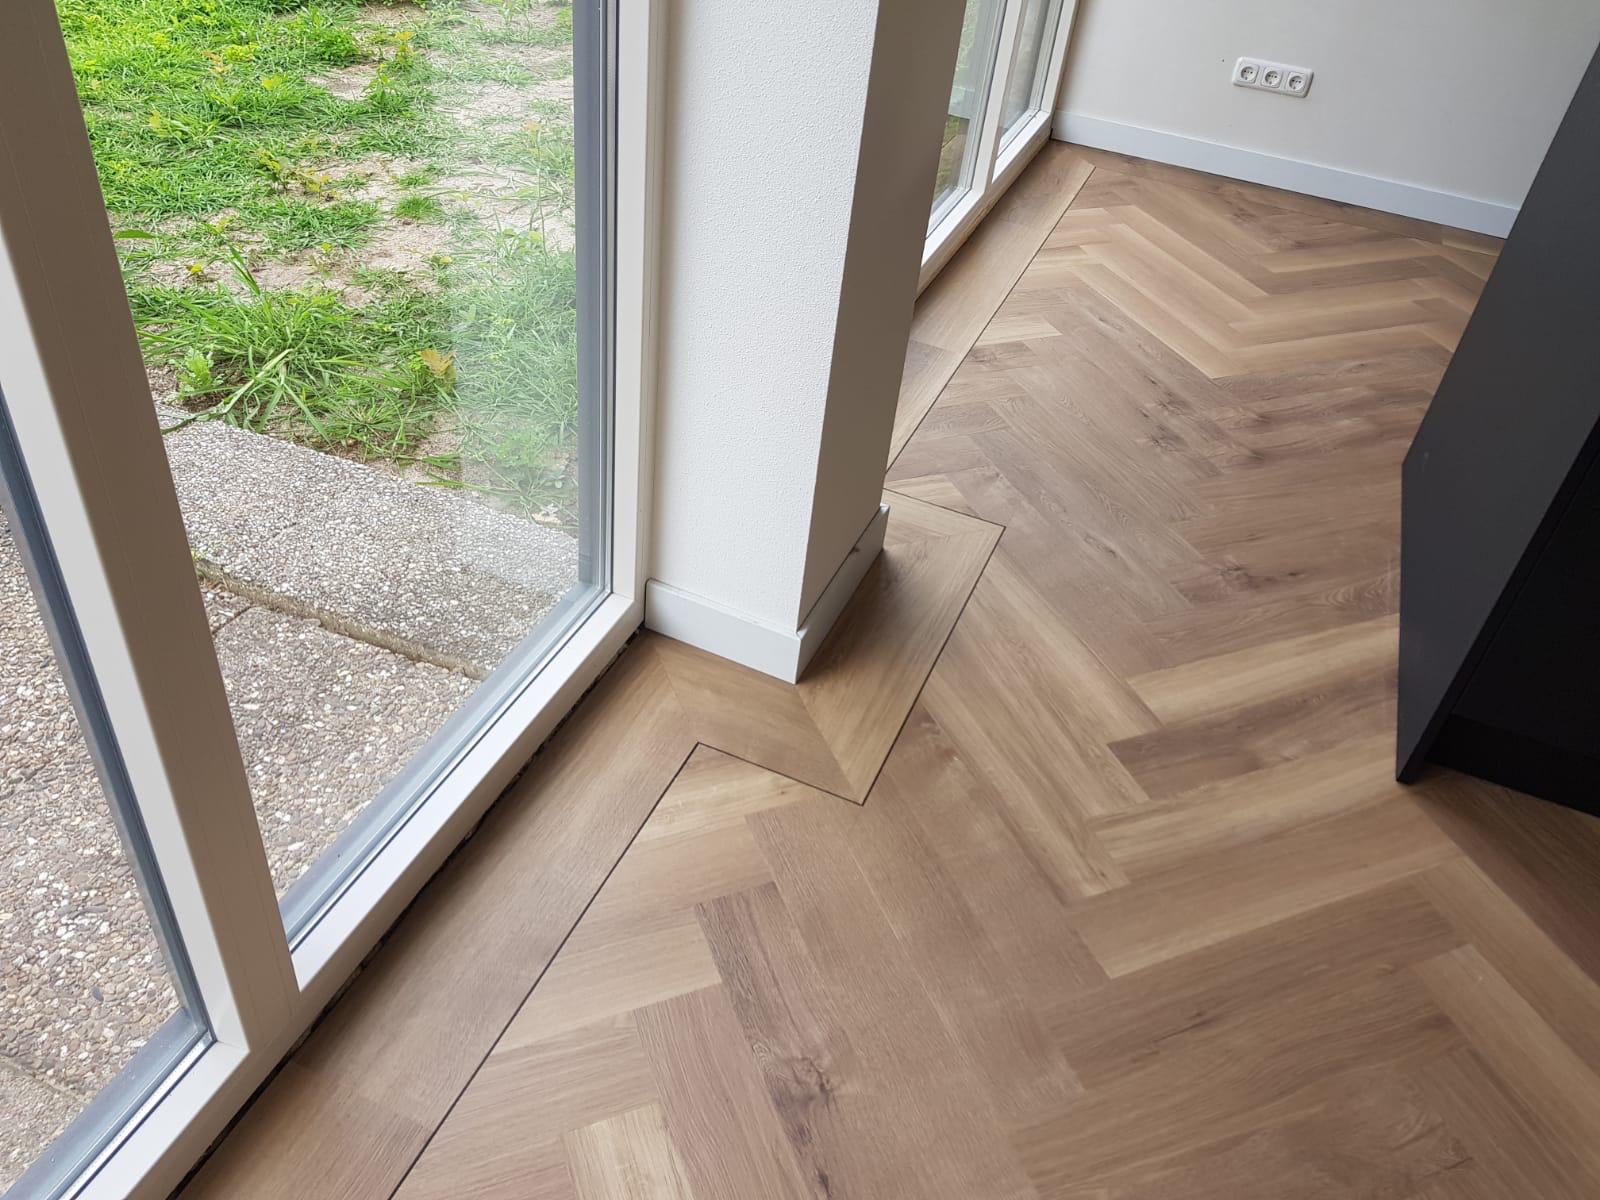 Pvc Vloer Visgraatmotief : Visgraat pvc laminaat of vinyl vloer een eyecatcher in huis